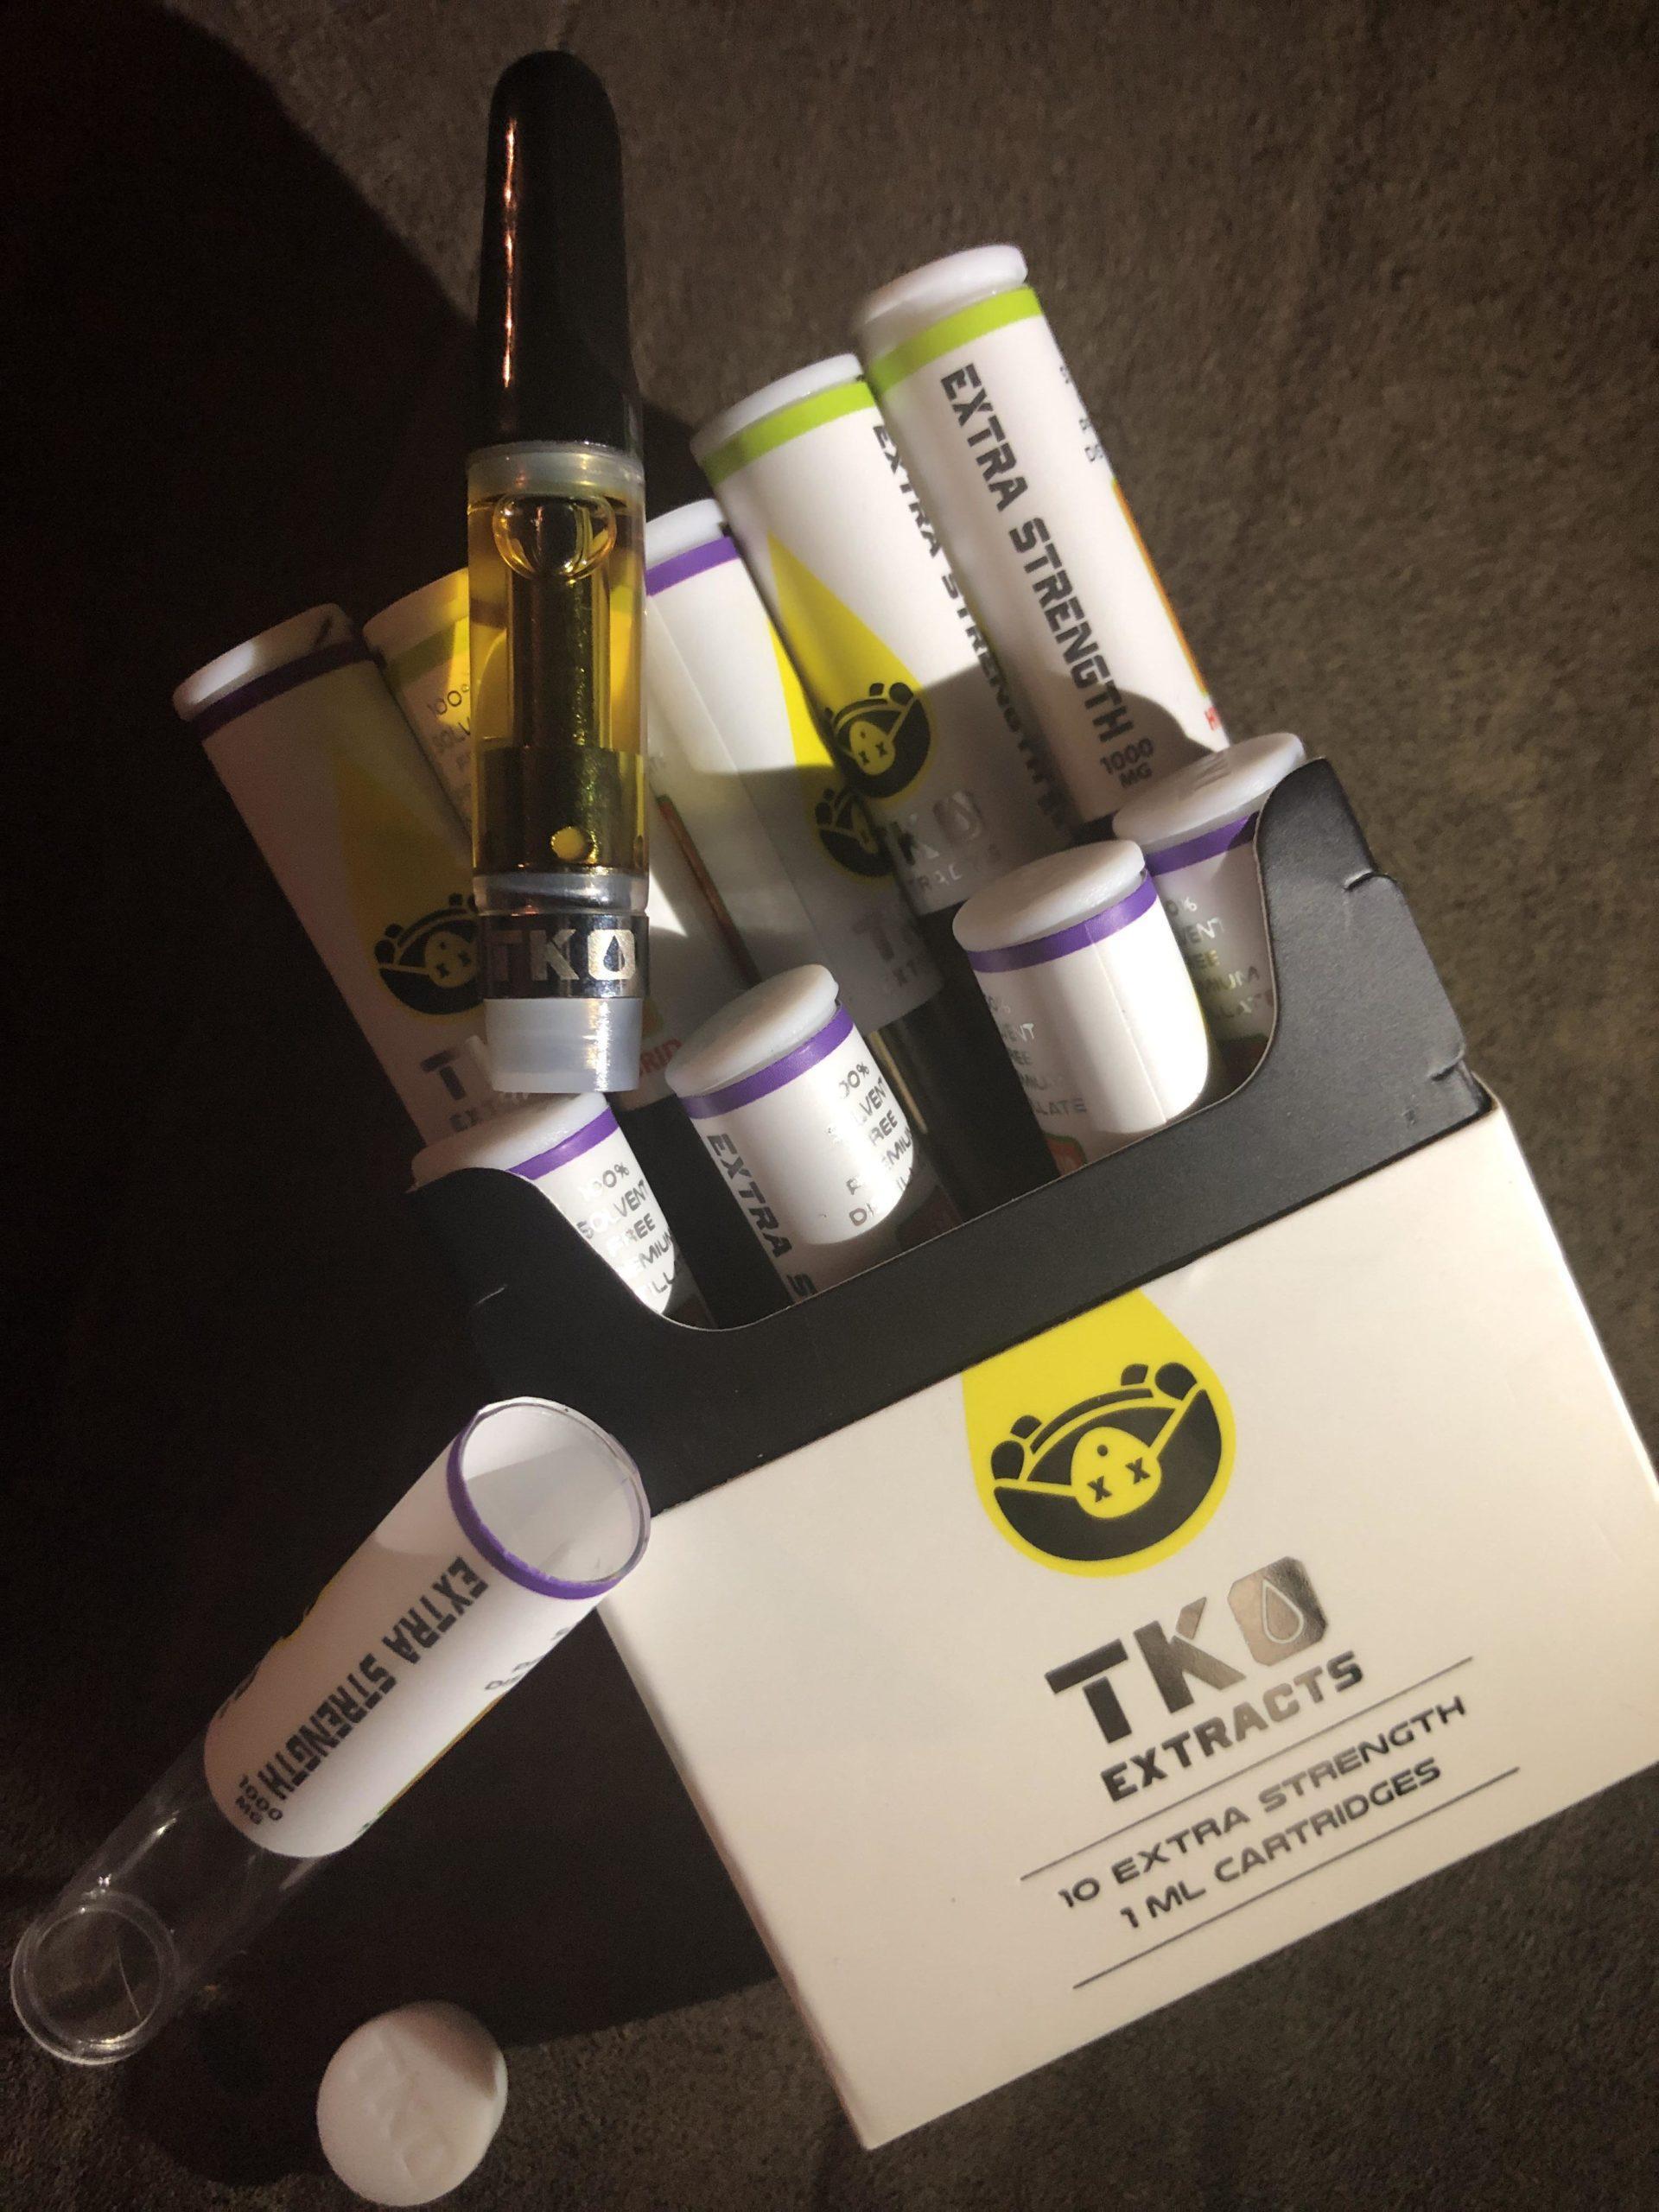 Tko extracts vape Cartridge UK - Weed Strains UK